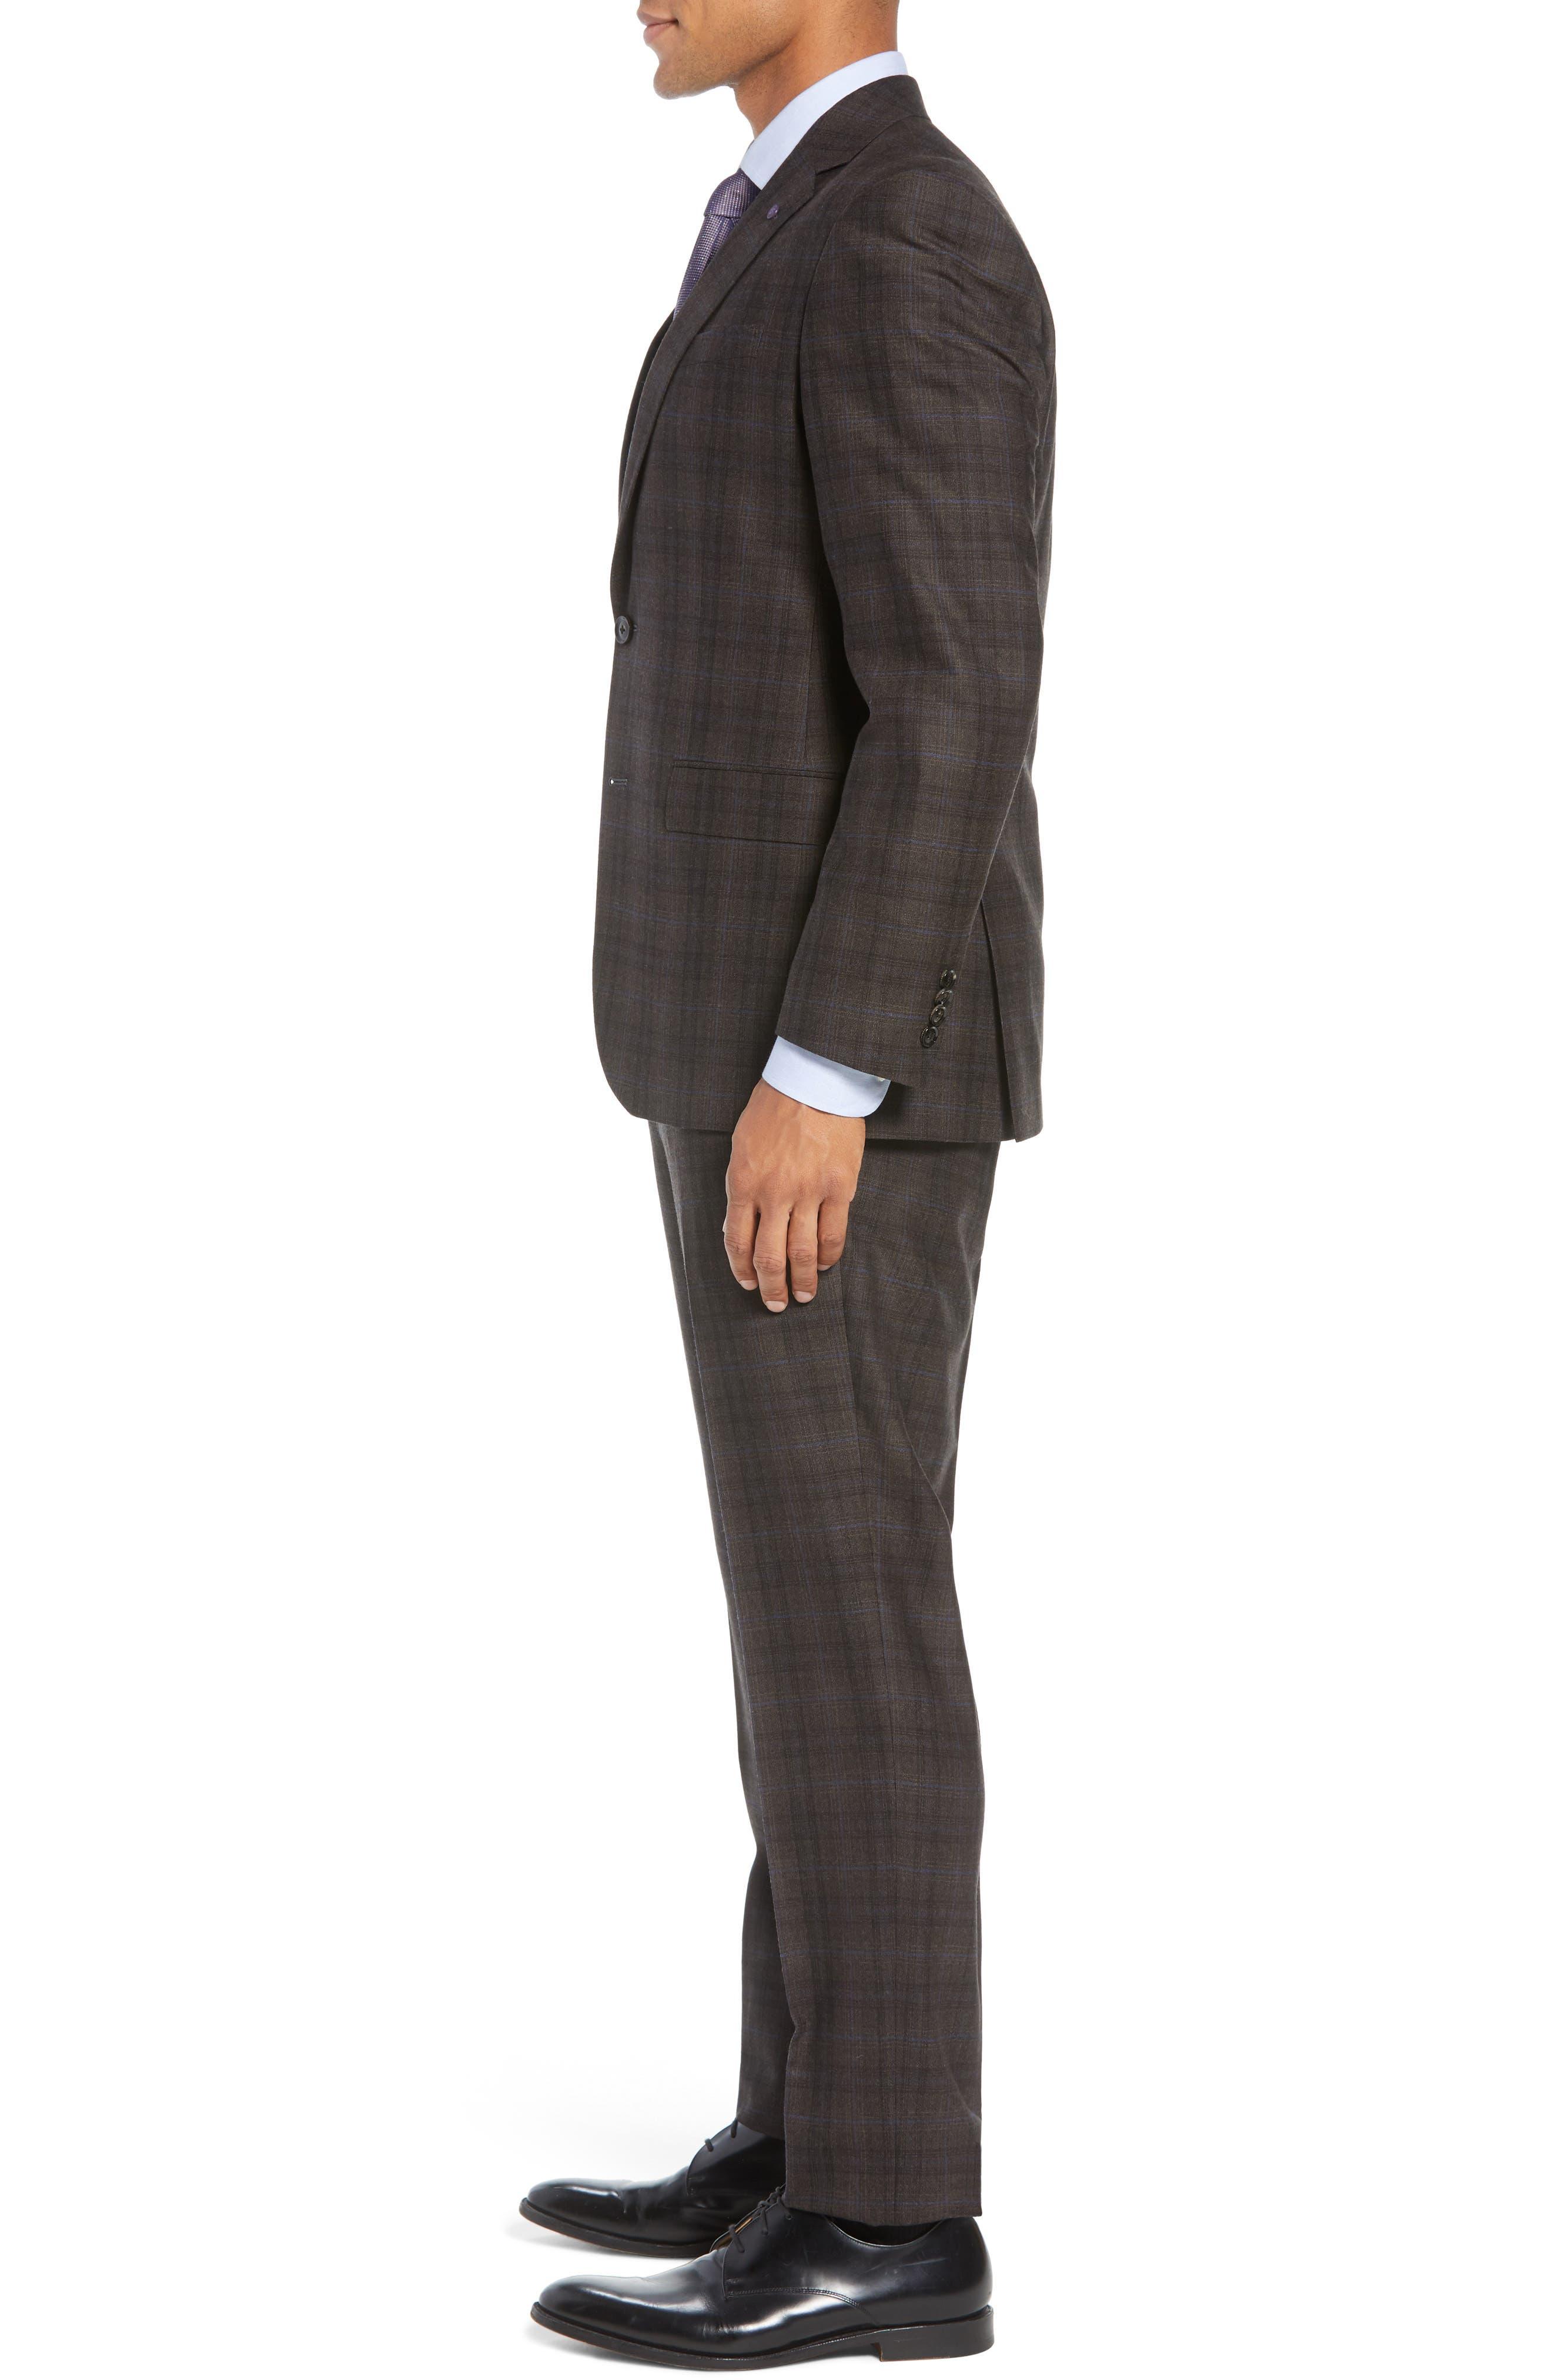 Jay Trim Fit Plaid Wool Suit,                             Alternate thumbnail 3, color,                             BROWN PLAID